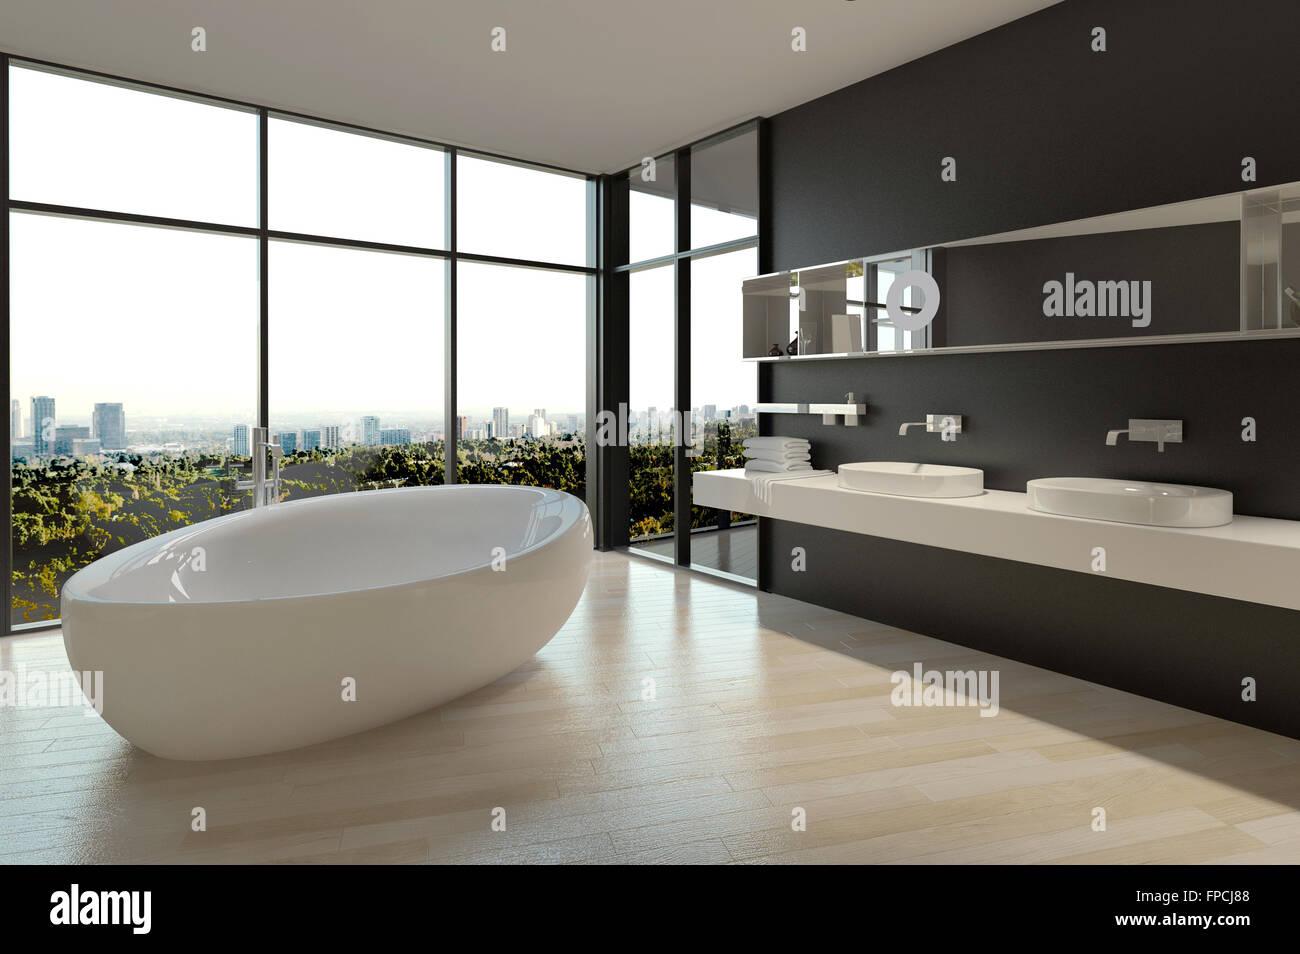 Vasca Da Bagno Grande Dimensioni : Architectural interior design arredate zona bagno con vasca da